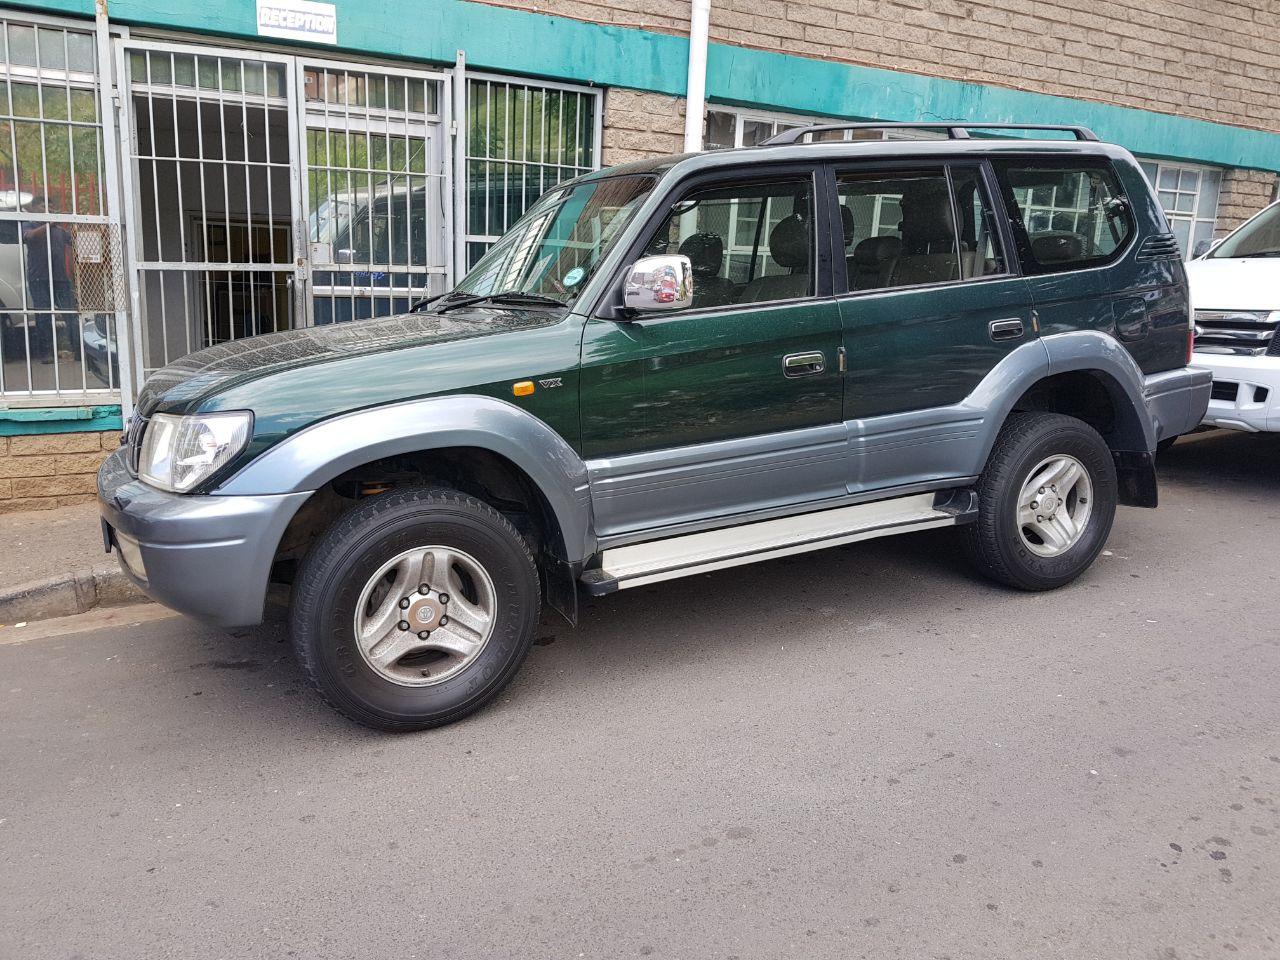 Charming 2000 Toyota Land Cruiser Prado